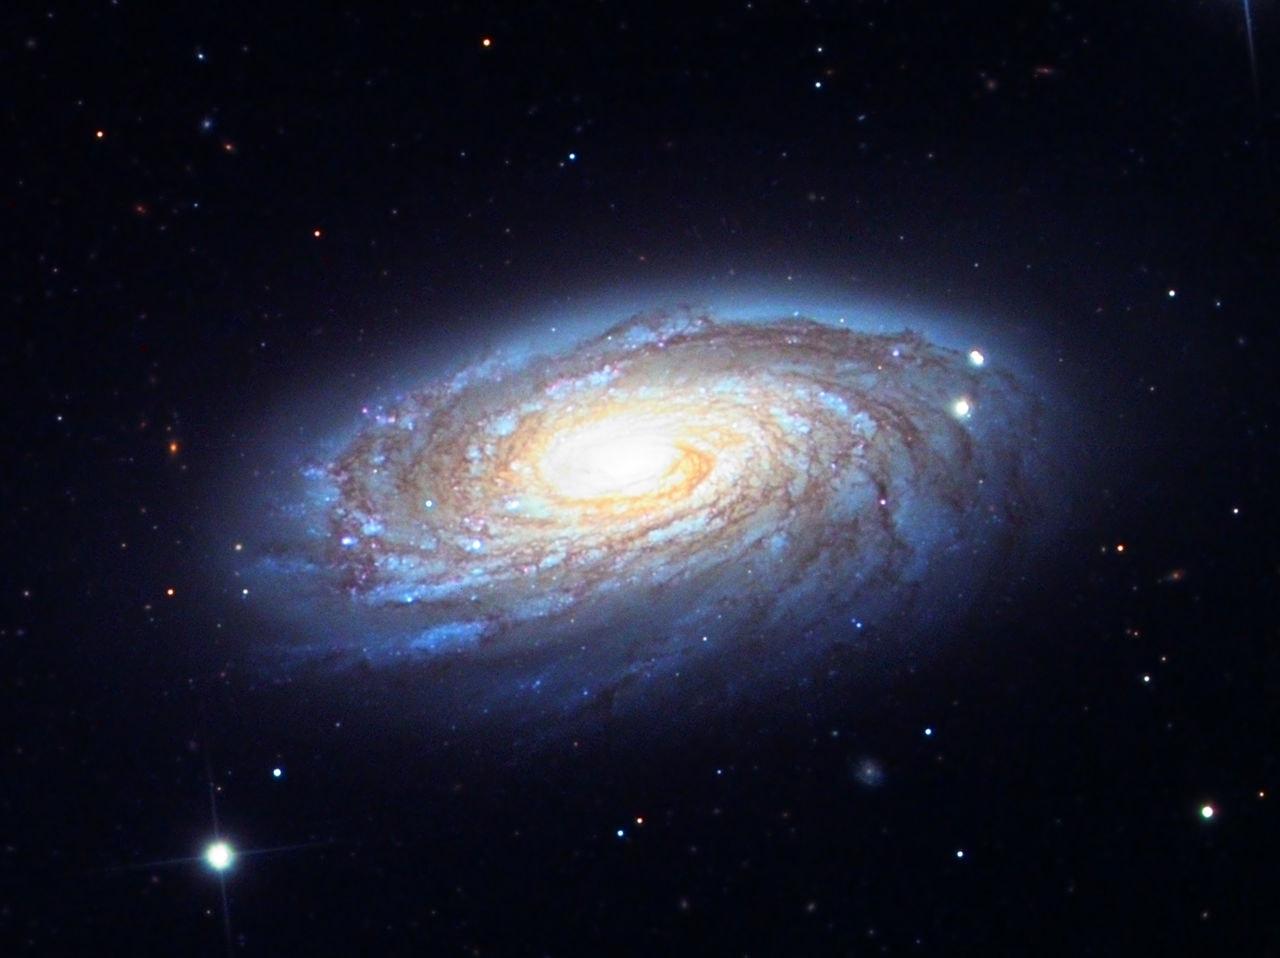 messier 88,spiral galaxy m88